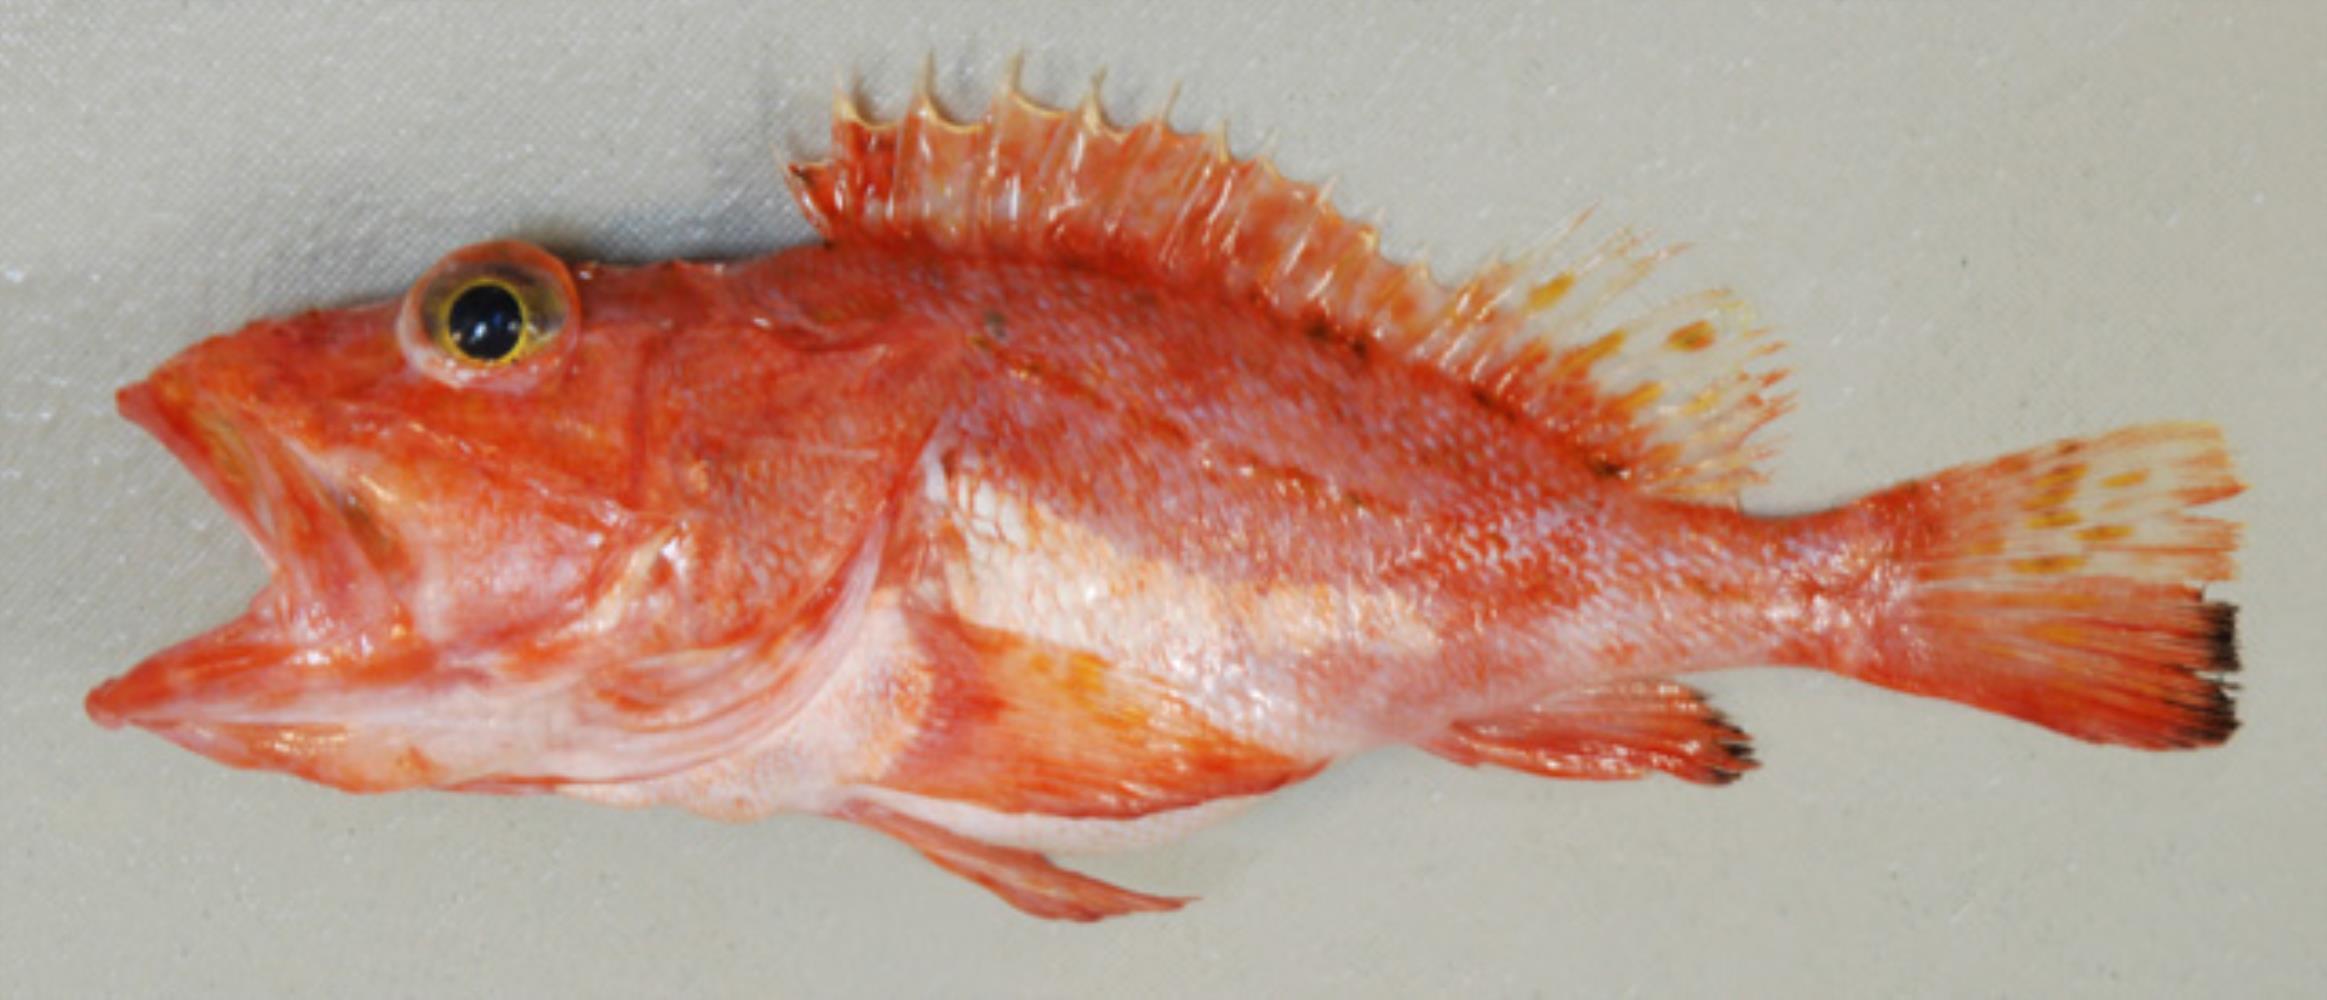 Blacklash Scorpionfish